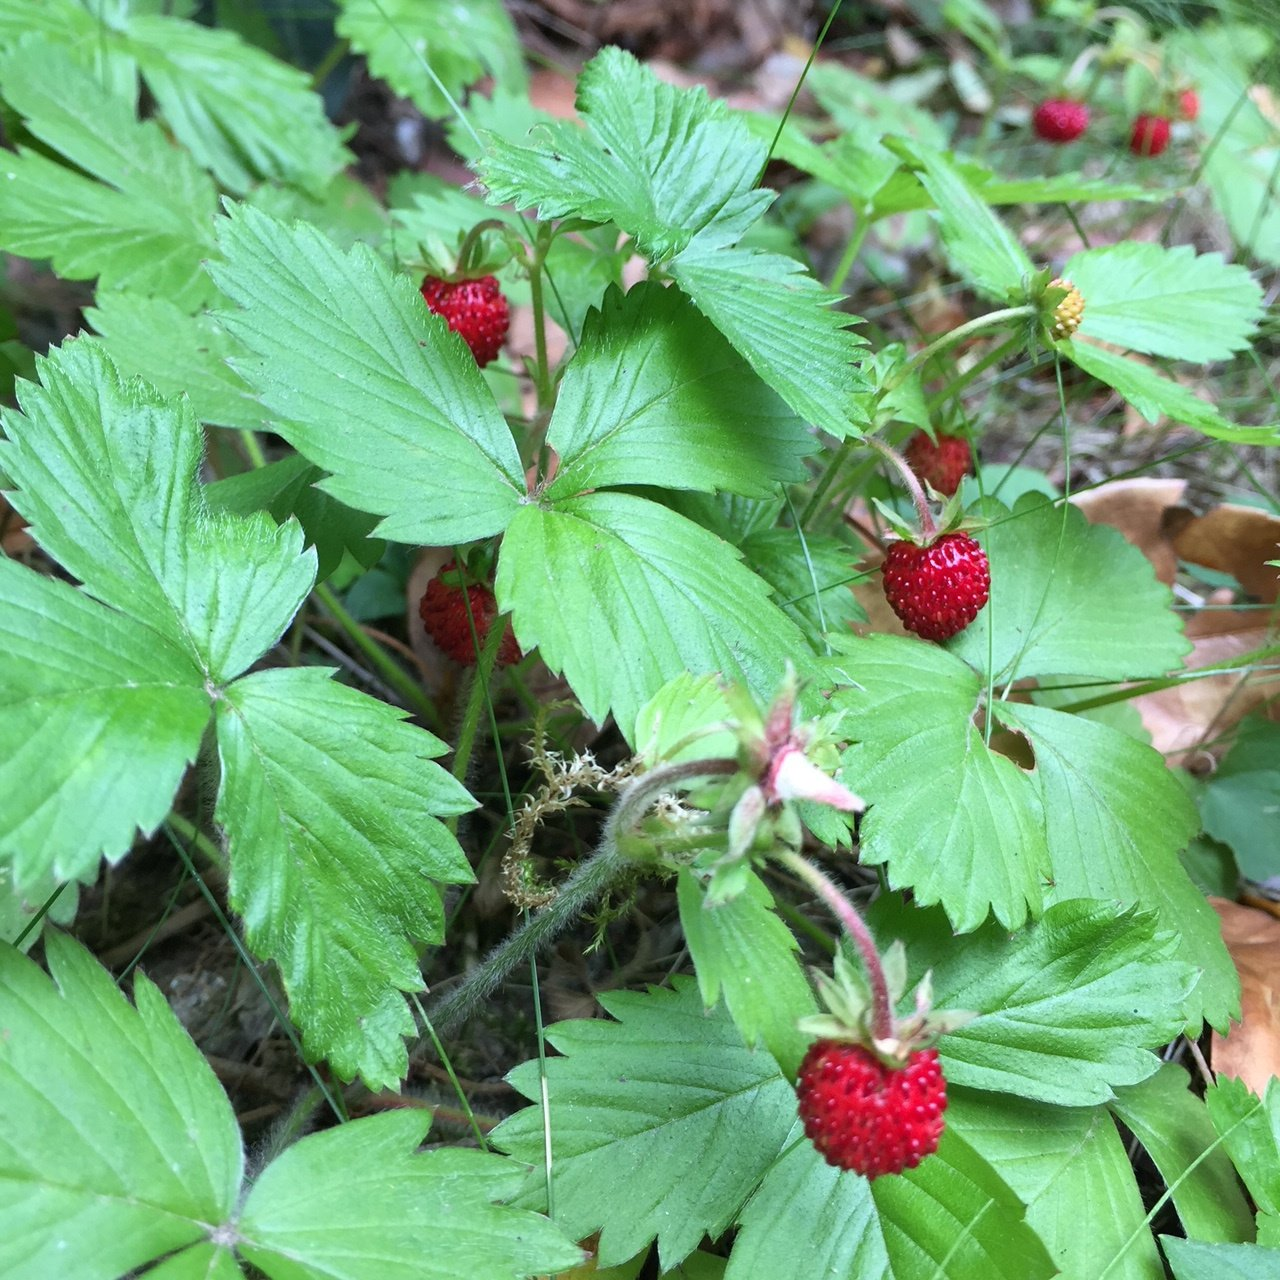 fraises des bois, produit de saison juin